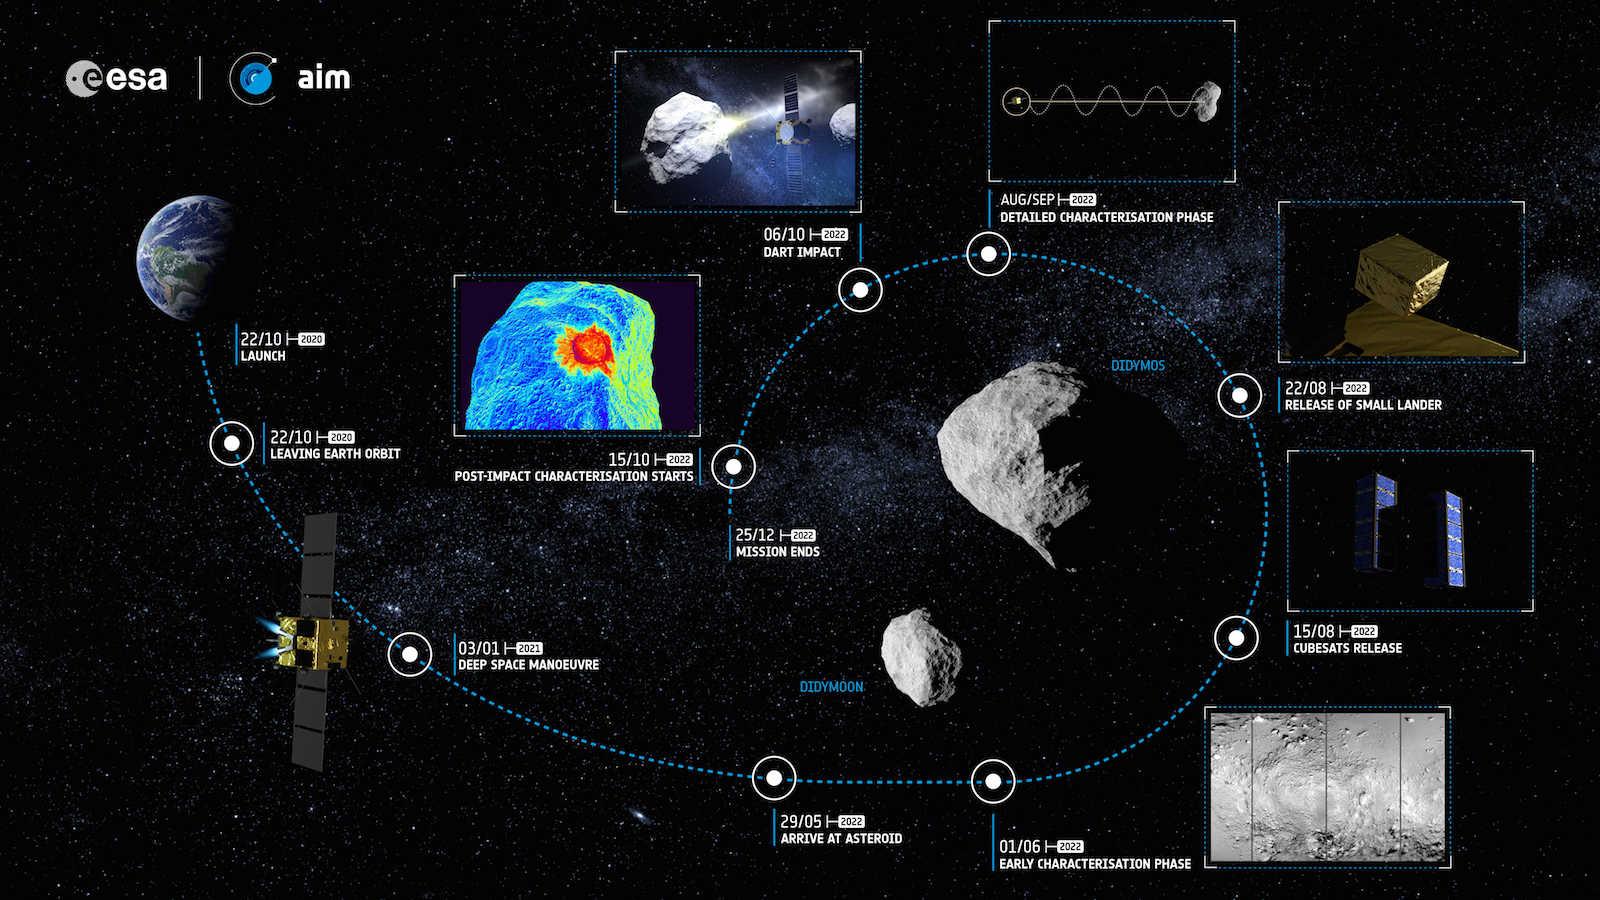 Infografik AIM-Mission: Diesen Teil der Mission verantwortet die ESA, die neben Messinstrumenten auch den vom Deutschen Zentrum für Luft- und Raumfahrt DLR gebauten Lander Mascot-2 an Bord hat.